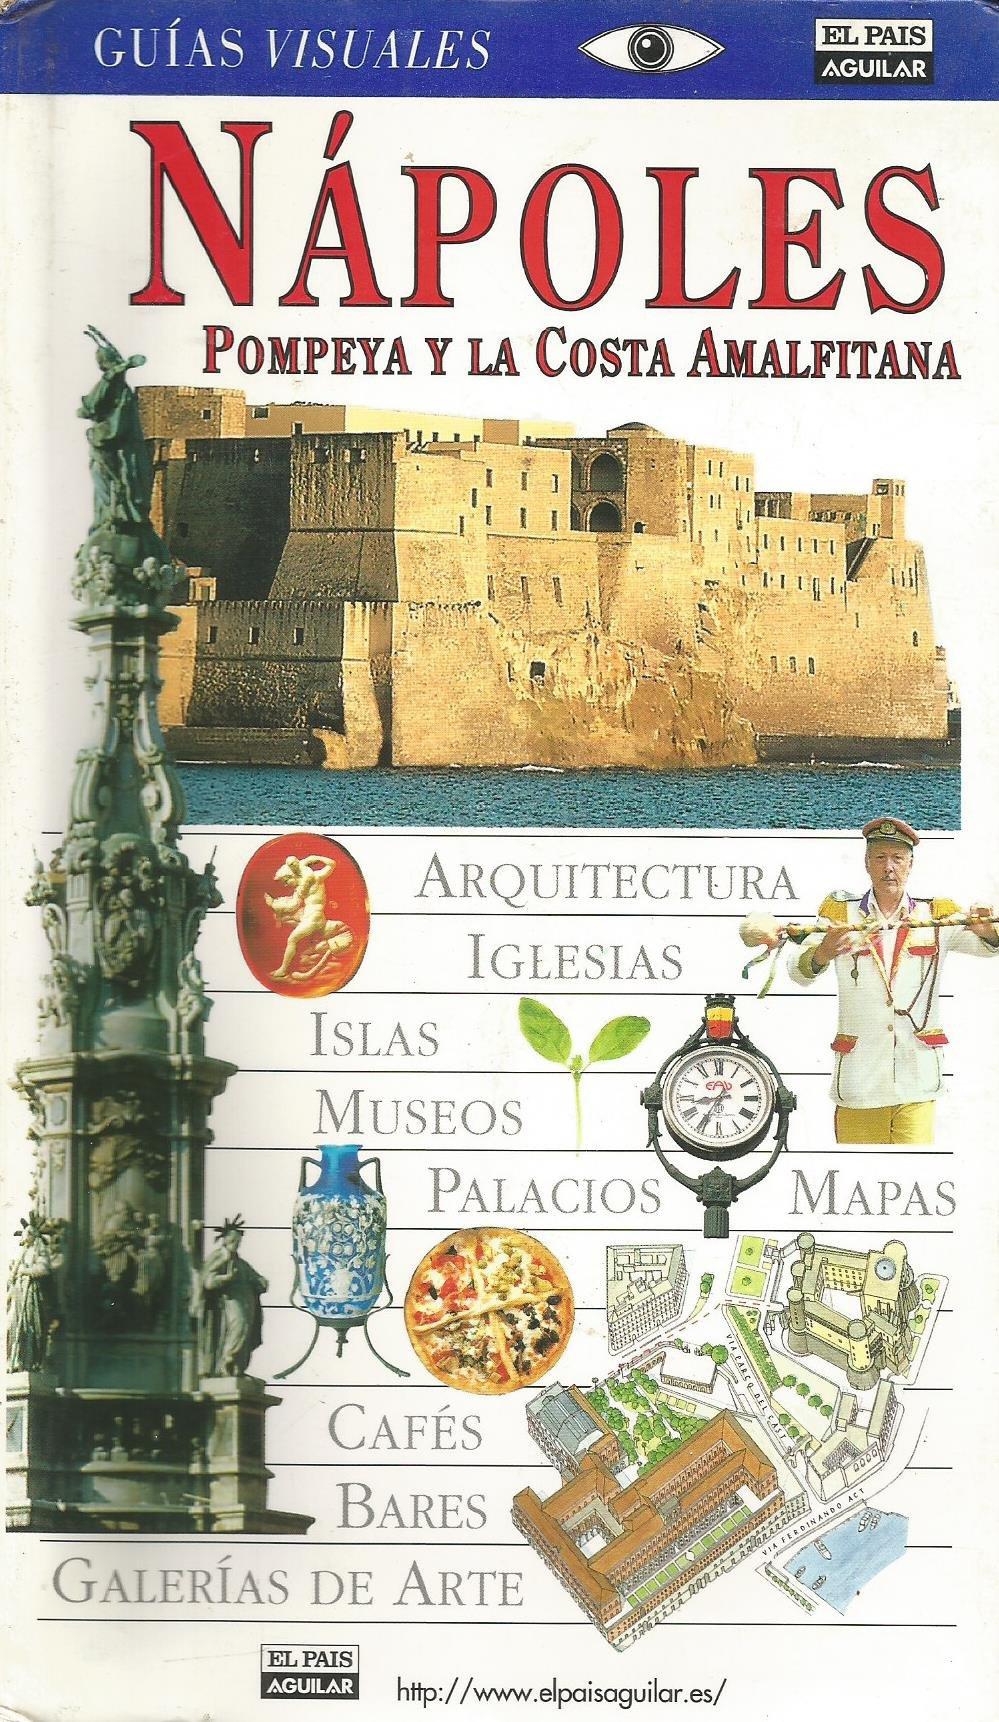 Napoles - guia visual (Guias Visuales): Amazon.es: Varios: Libros